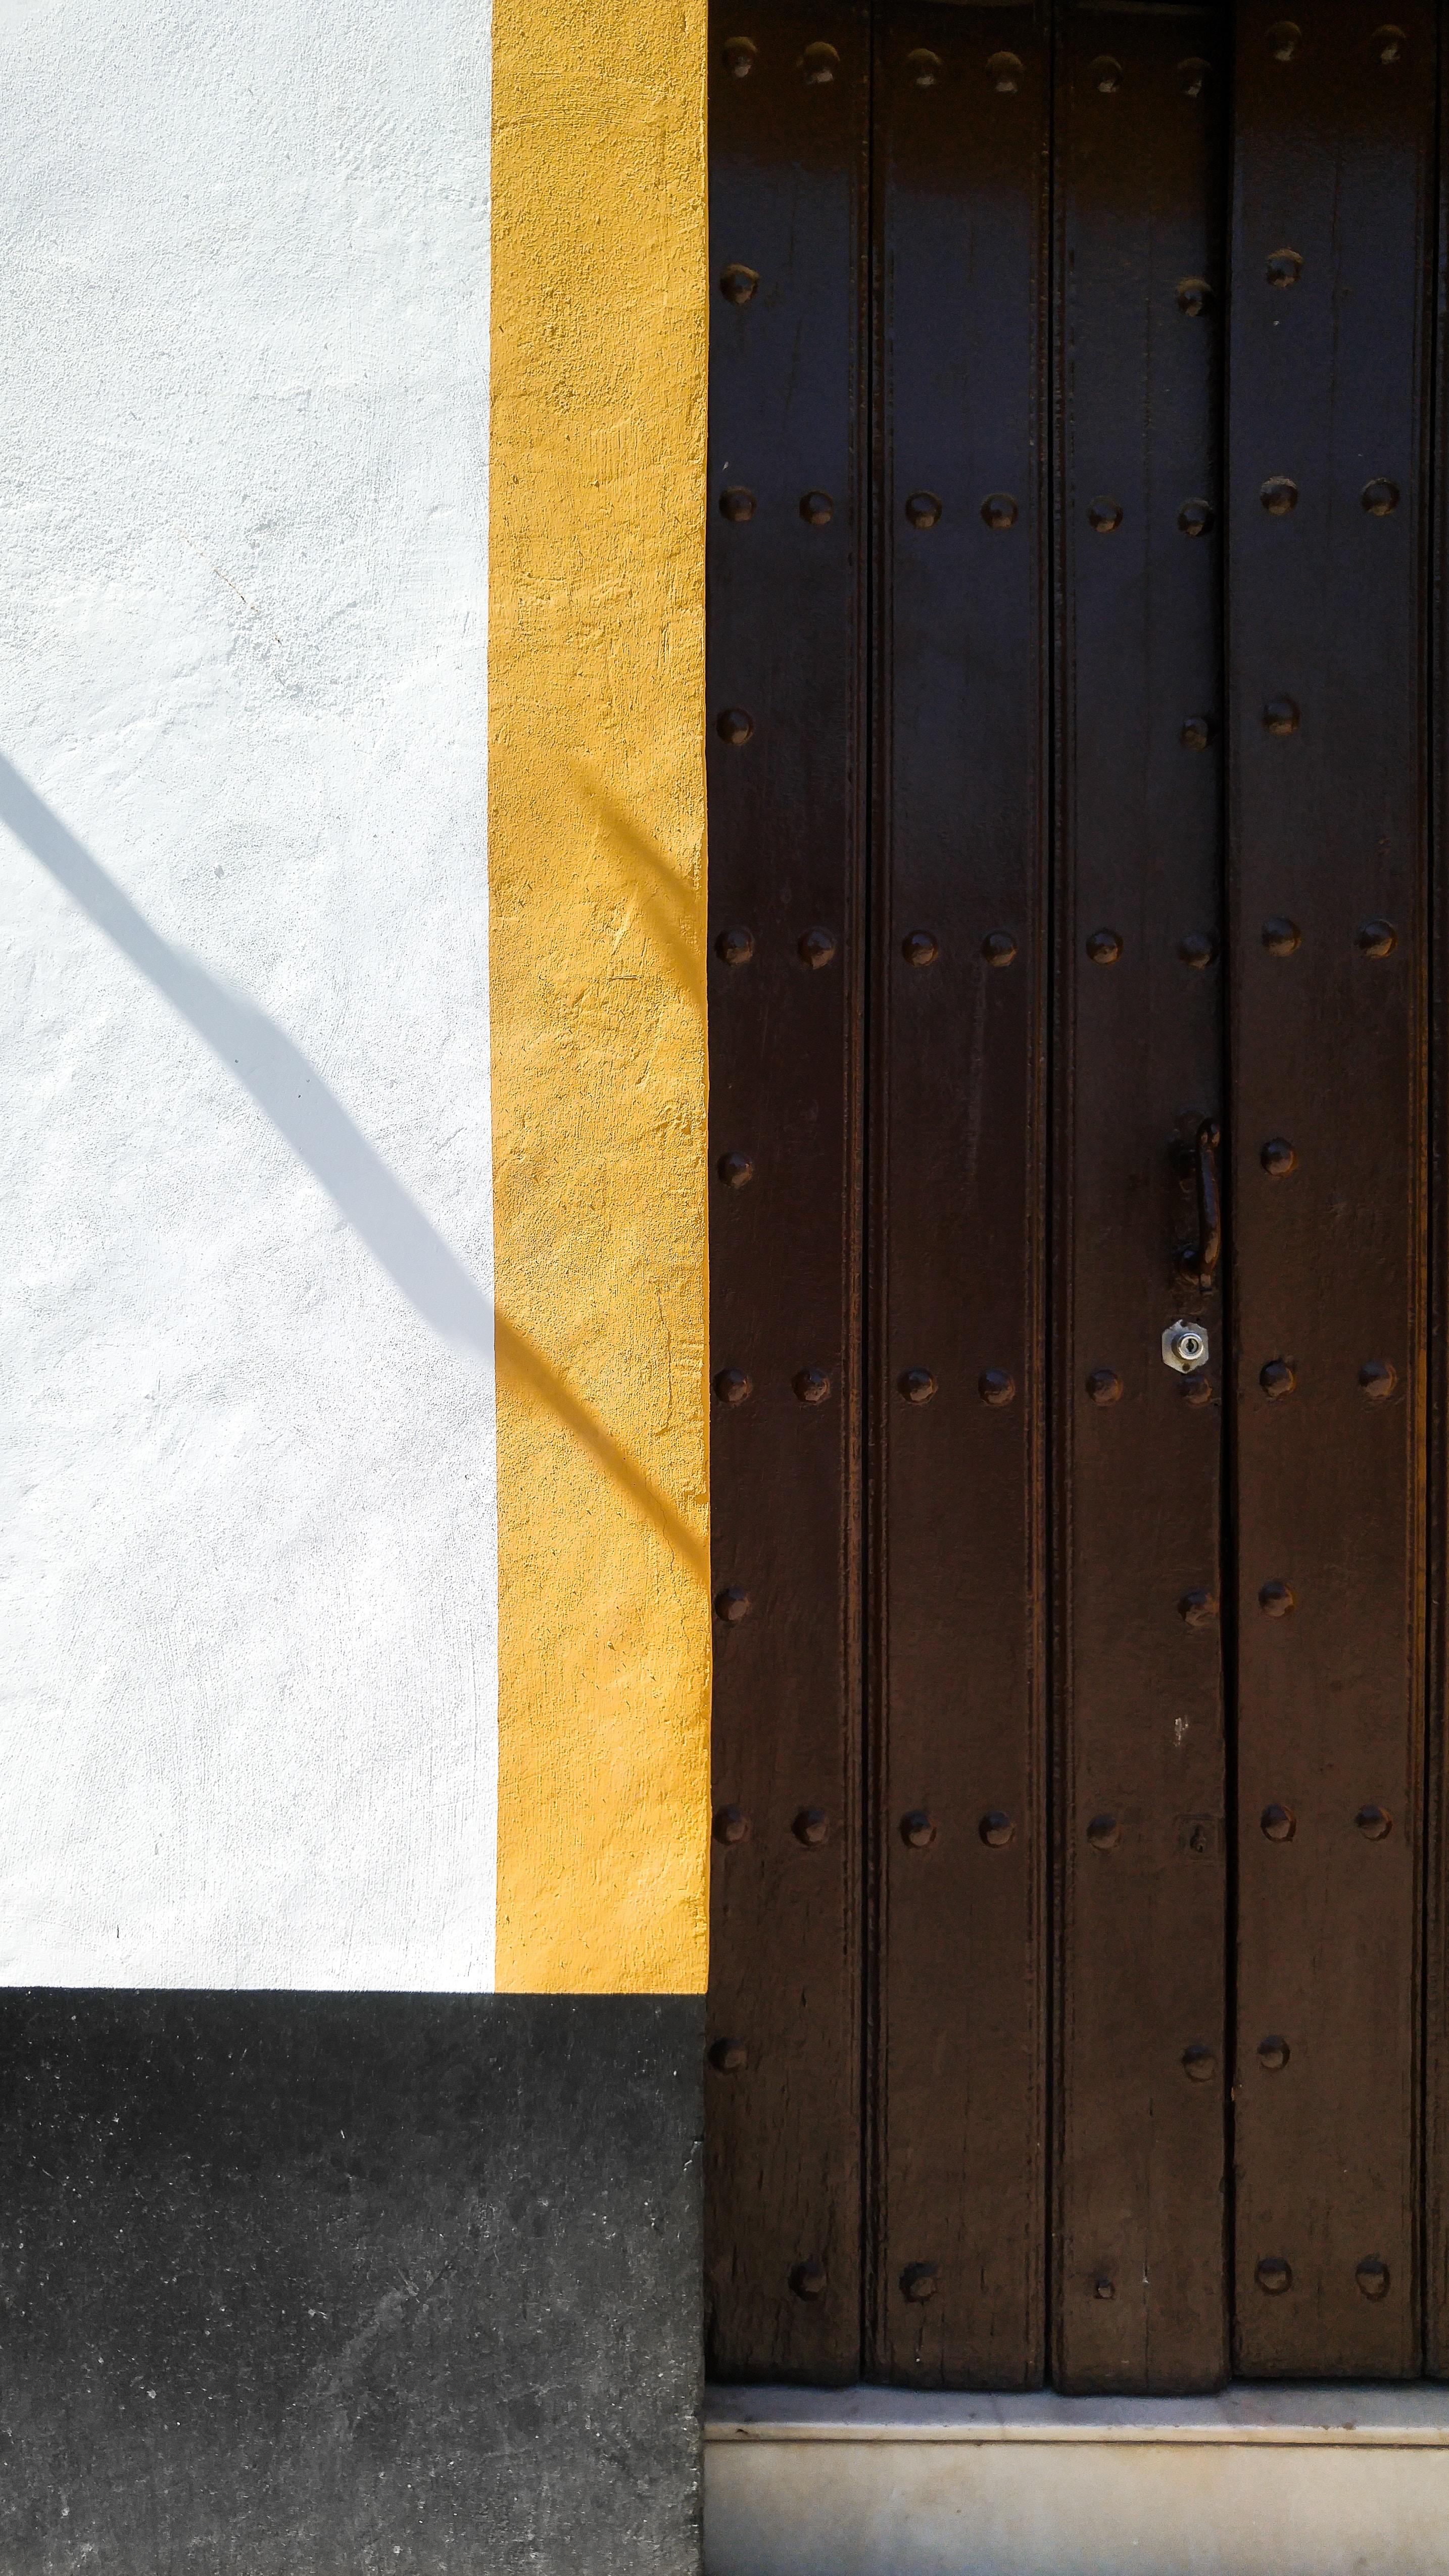 closeup photo of brown door